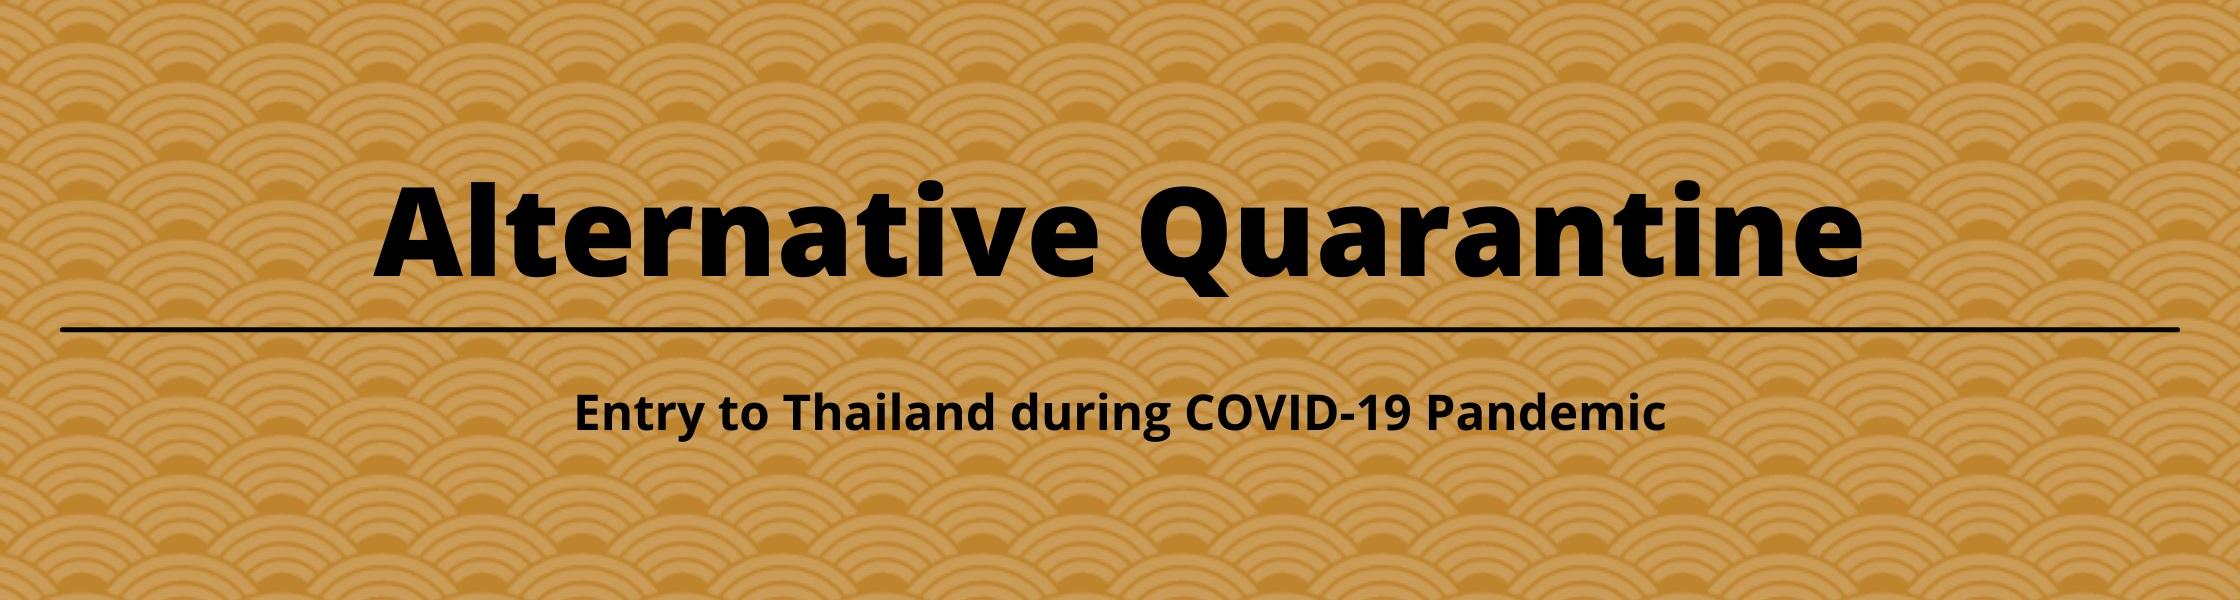 Alternative_Quarantine_jpg